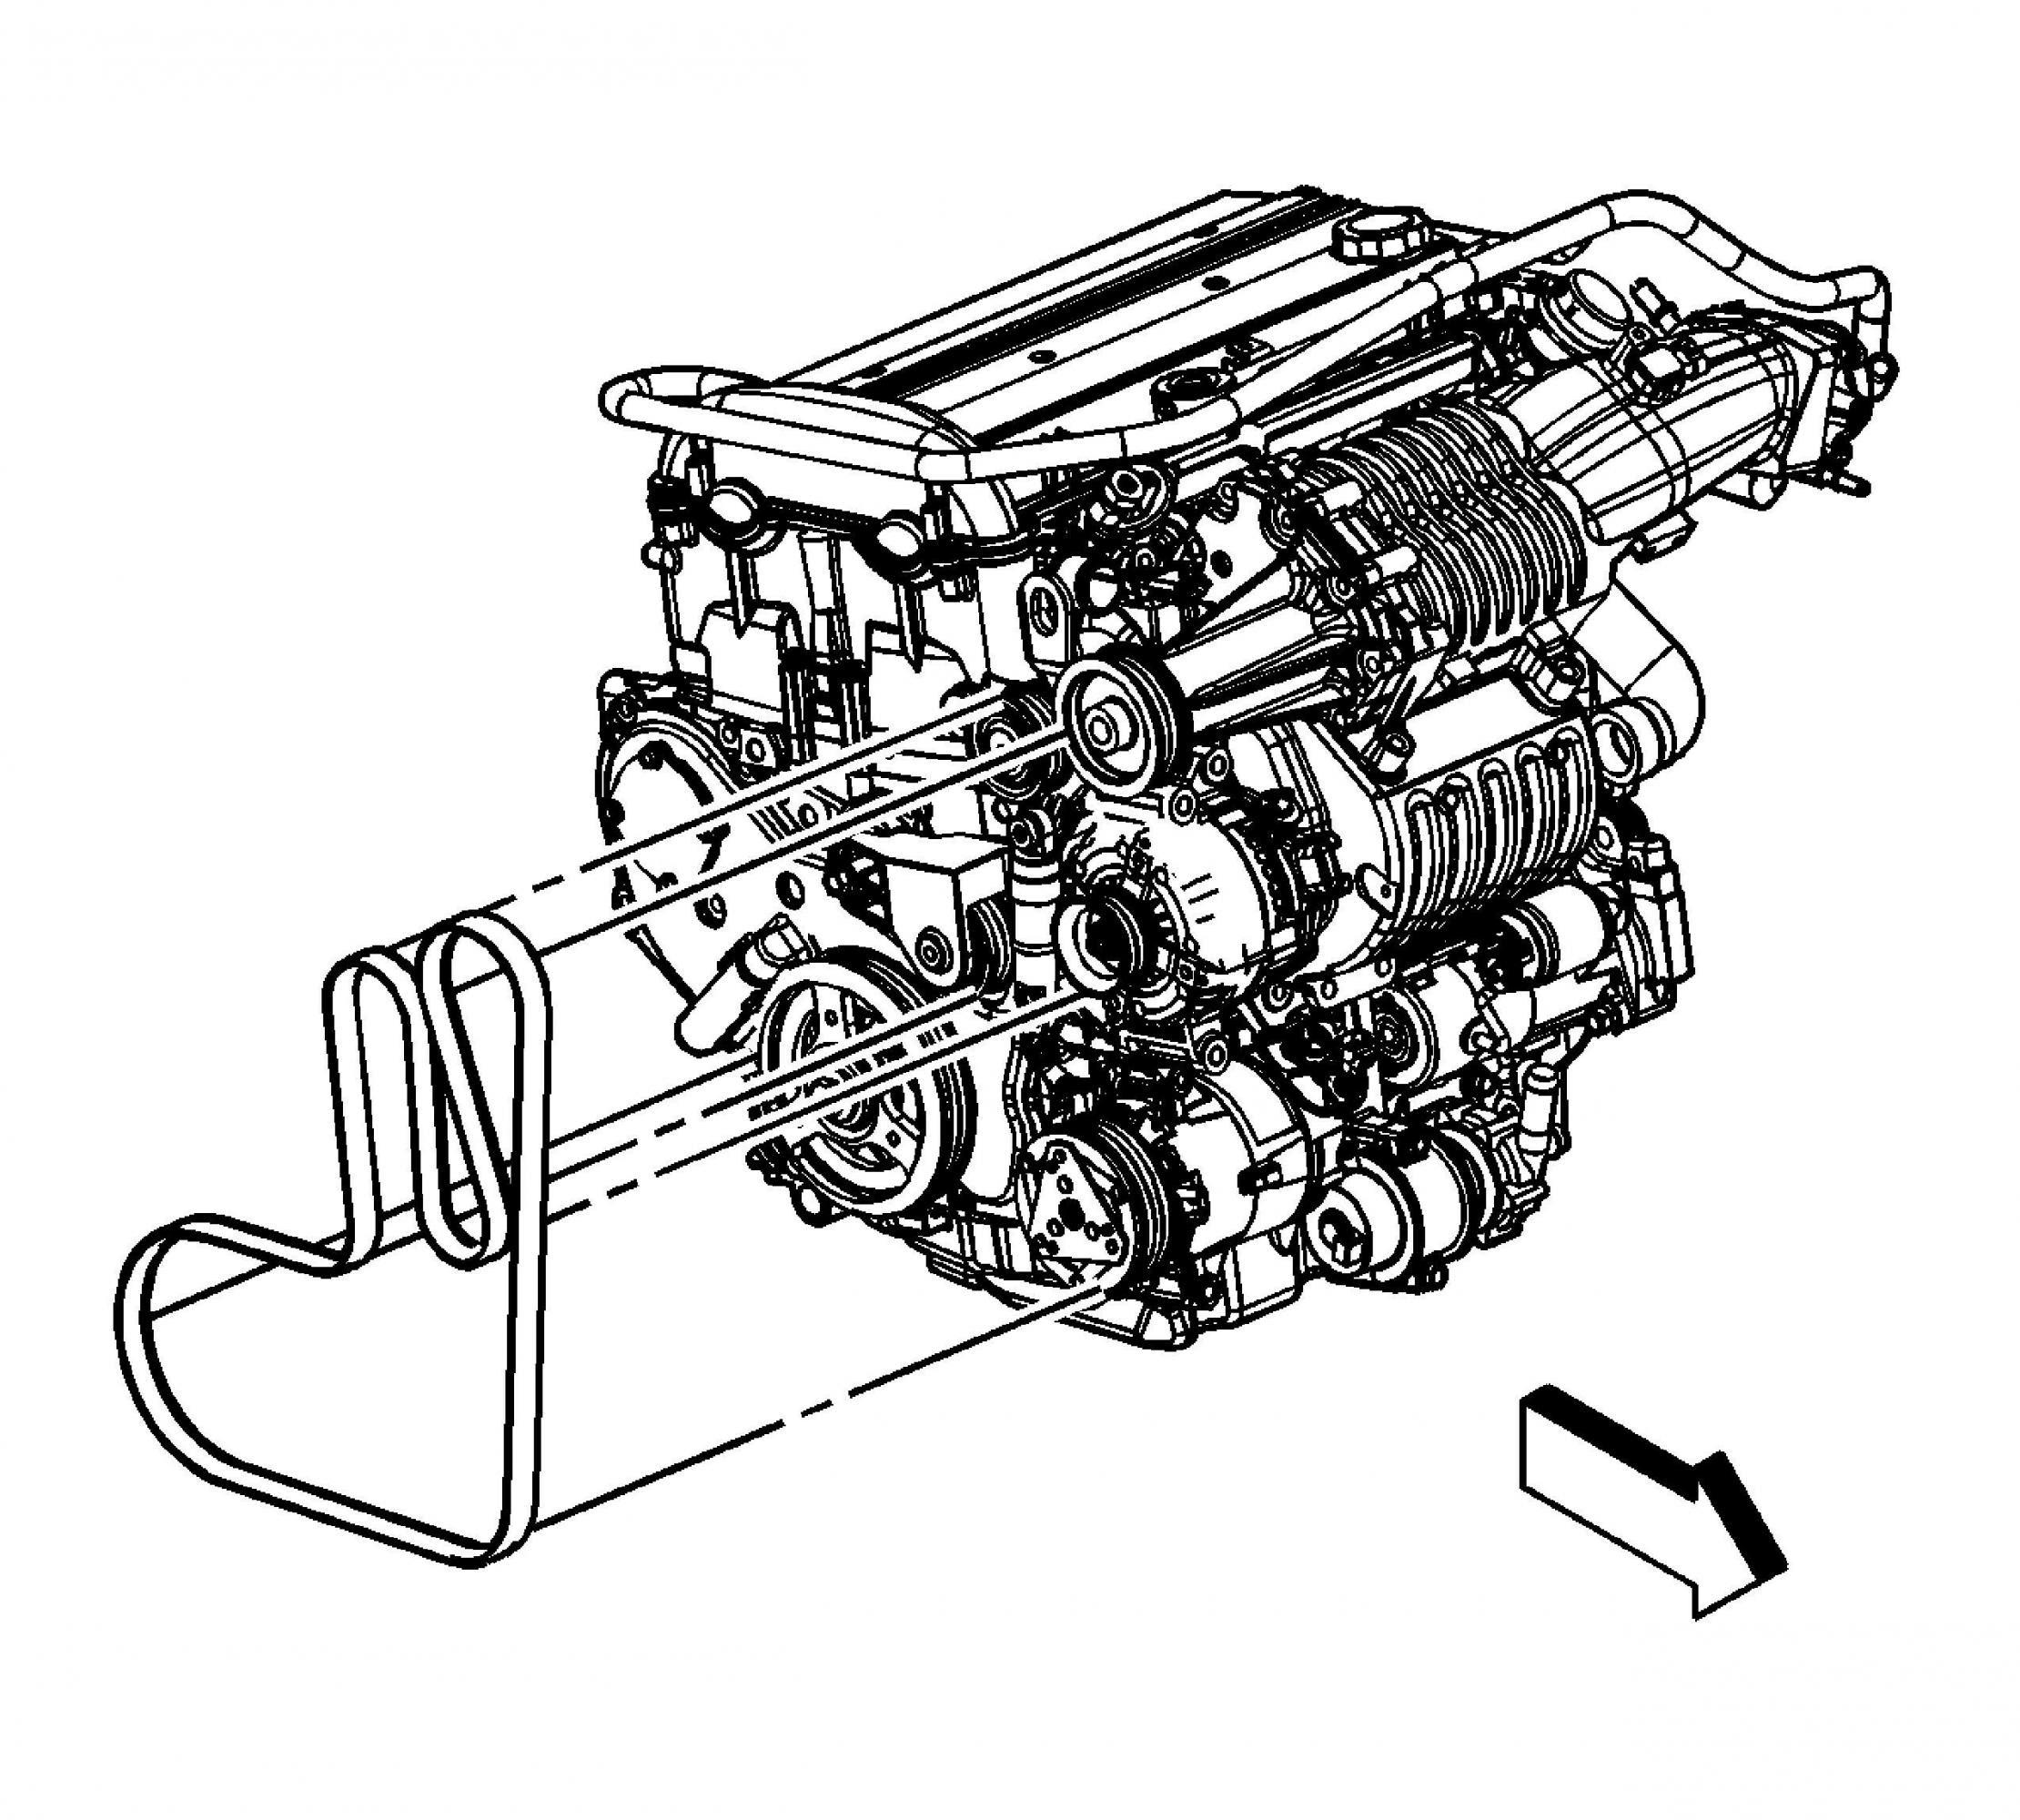 Cobalt Gm Engine Diagram Wiring Diagram Chin Local C Chin Local C Maceratadoc It